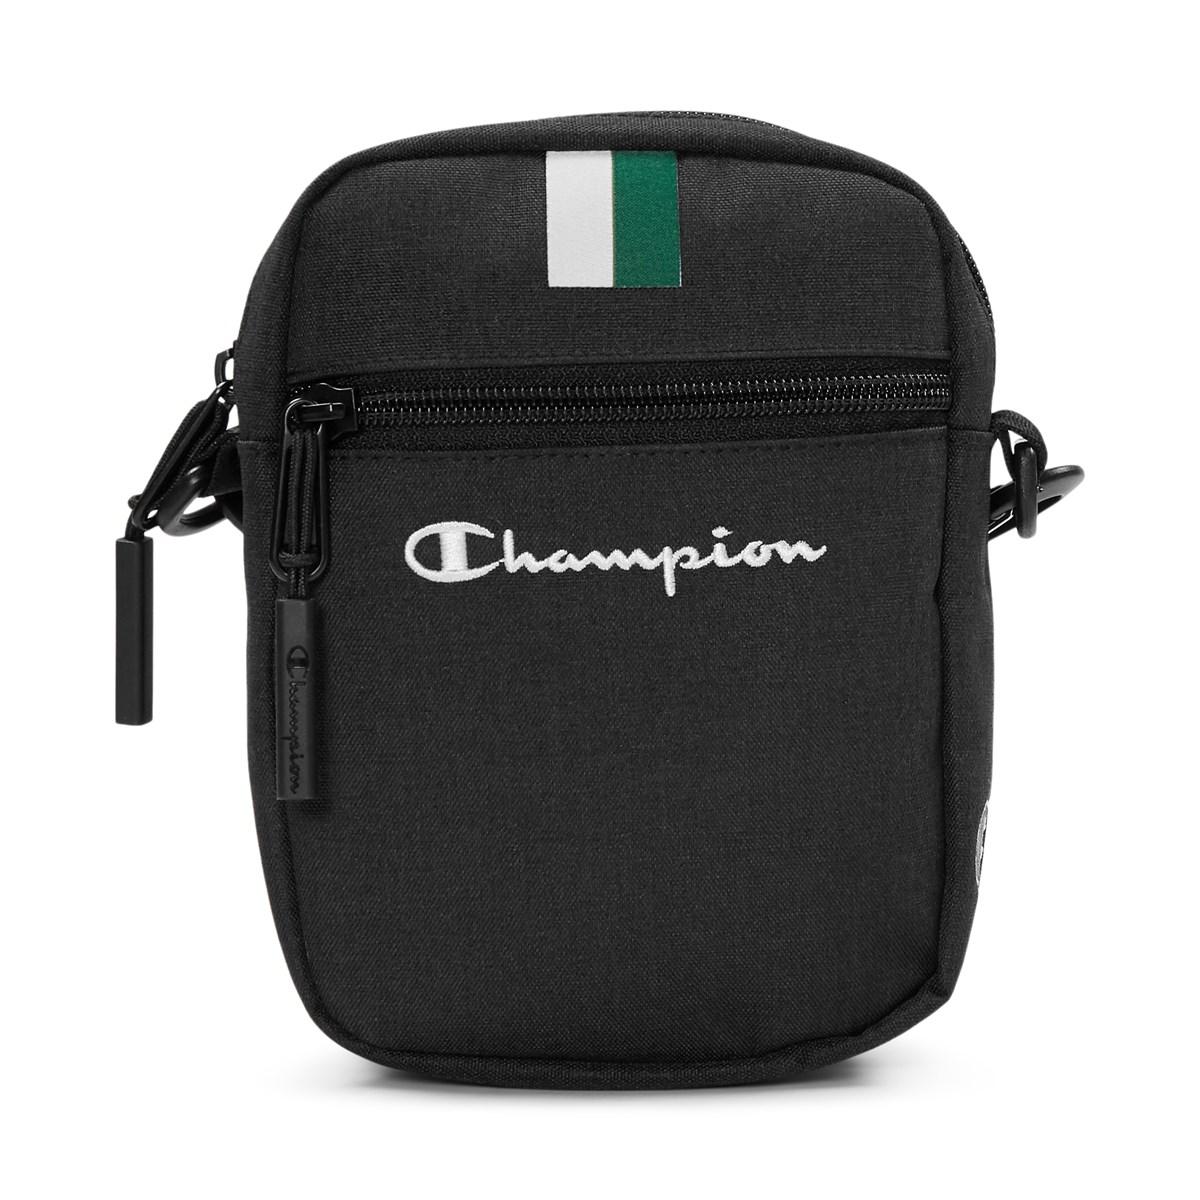 YC Crossbody Bag in Black